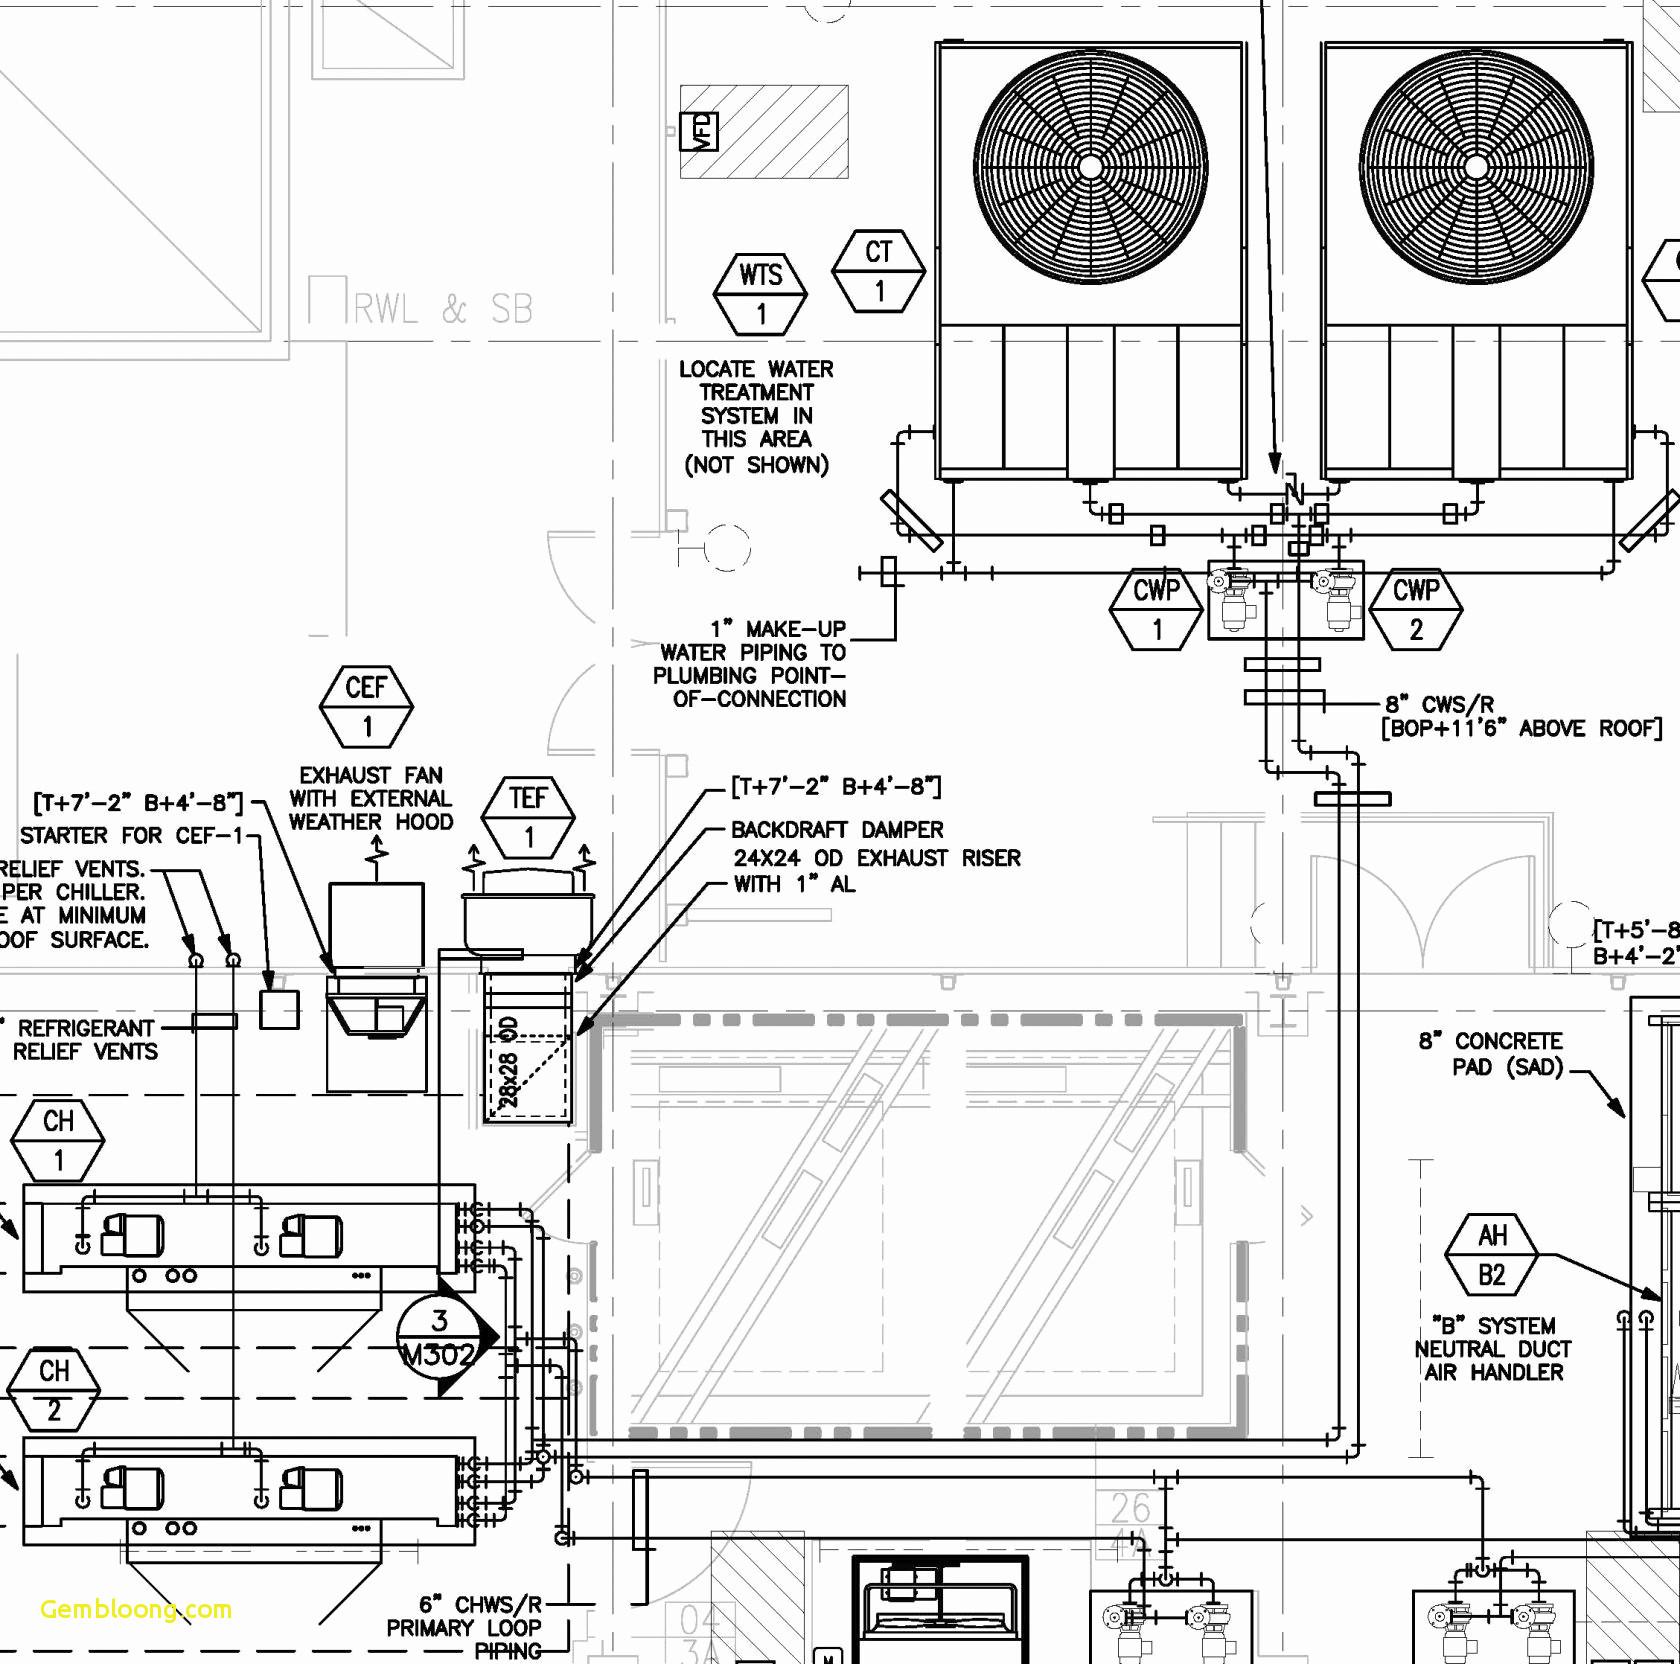 Pentair Pool Pump Wiring Diagram | Wiring Diagram - Pentair Pool Pump Wiring Diagram